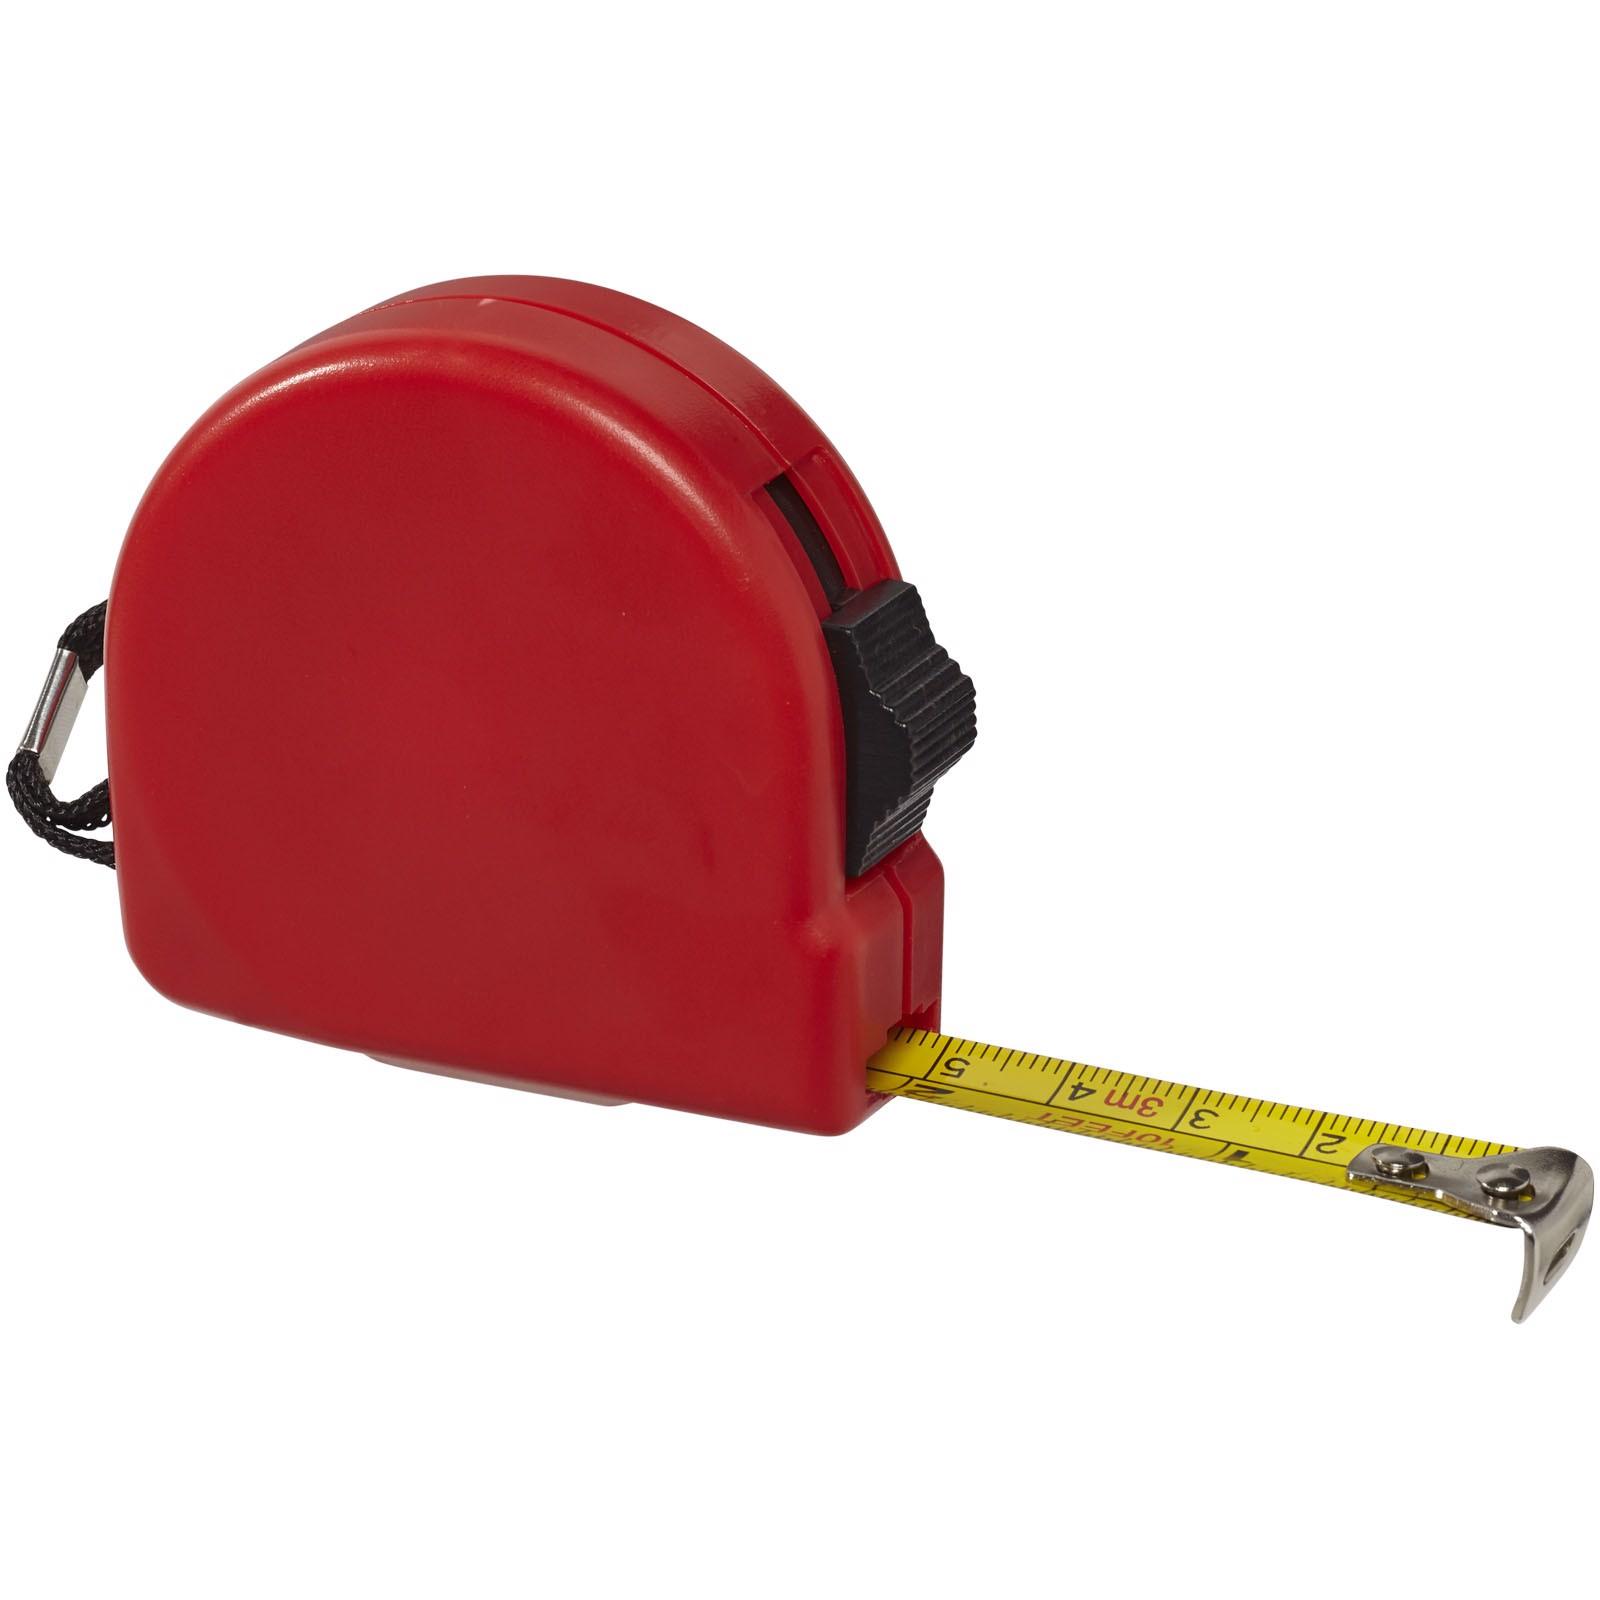 Měřicí pásmo Clark, 3 m - Červená s efektem námrazy